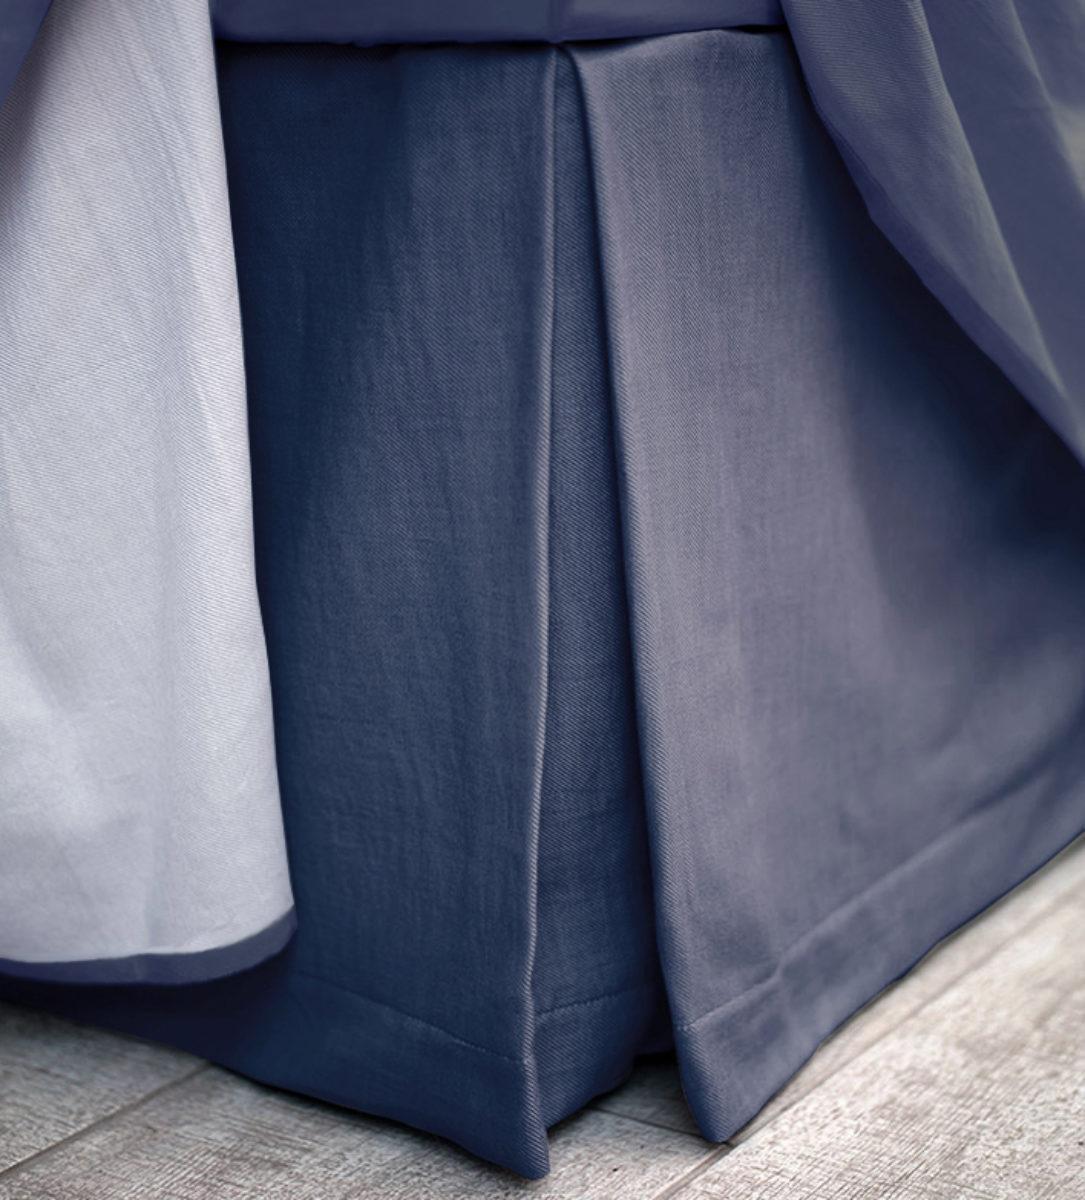 98c2ec8dd6 Navy Box Pleat Vlaance - 100% Cotton | Secret Linen Store